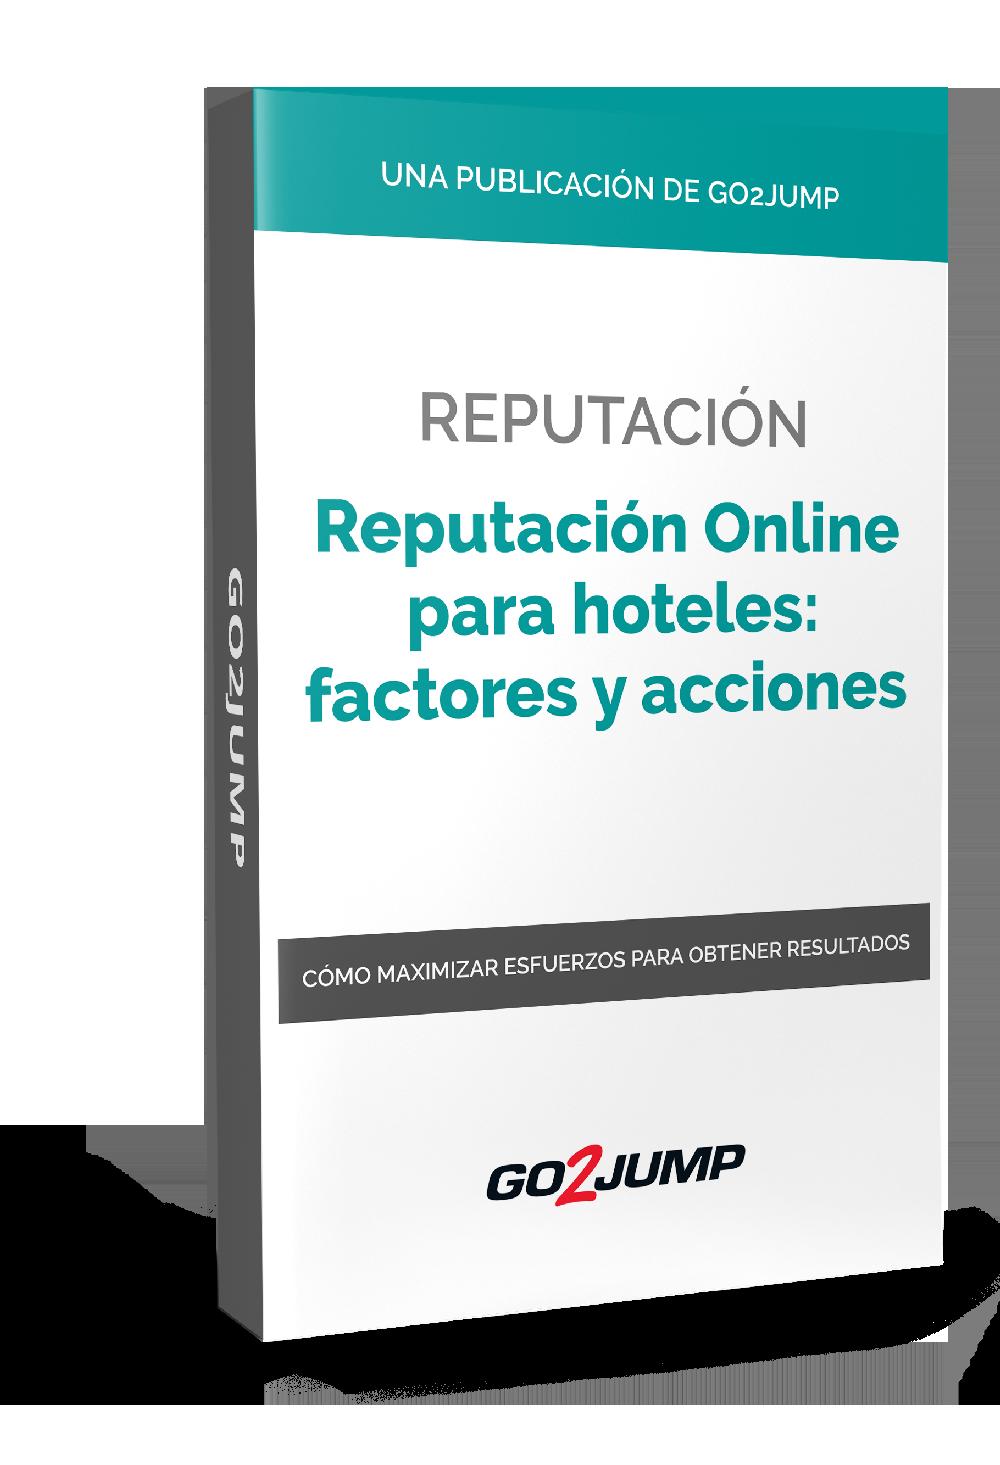 Reputación online para hoteles